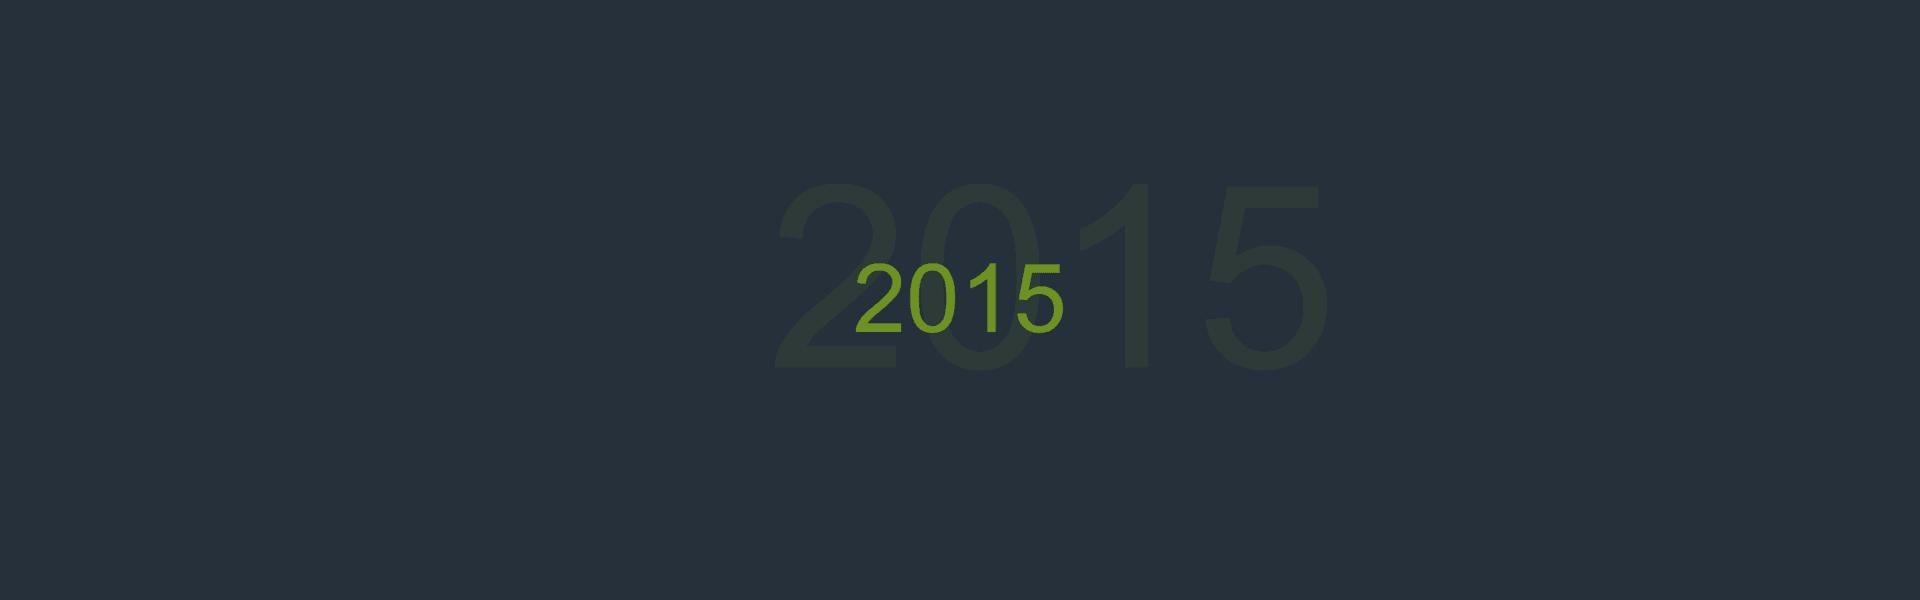 SEO-Konferenzen im Jahr 2015